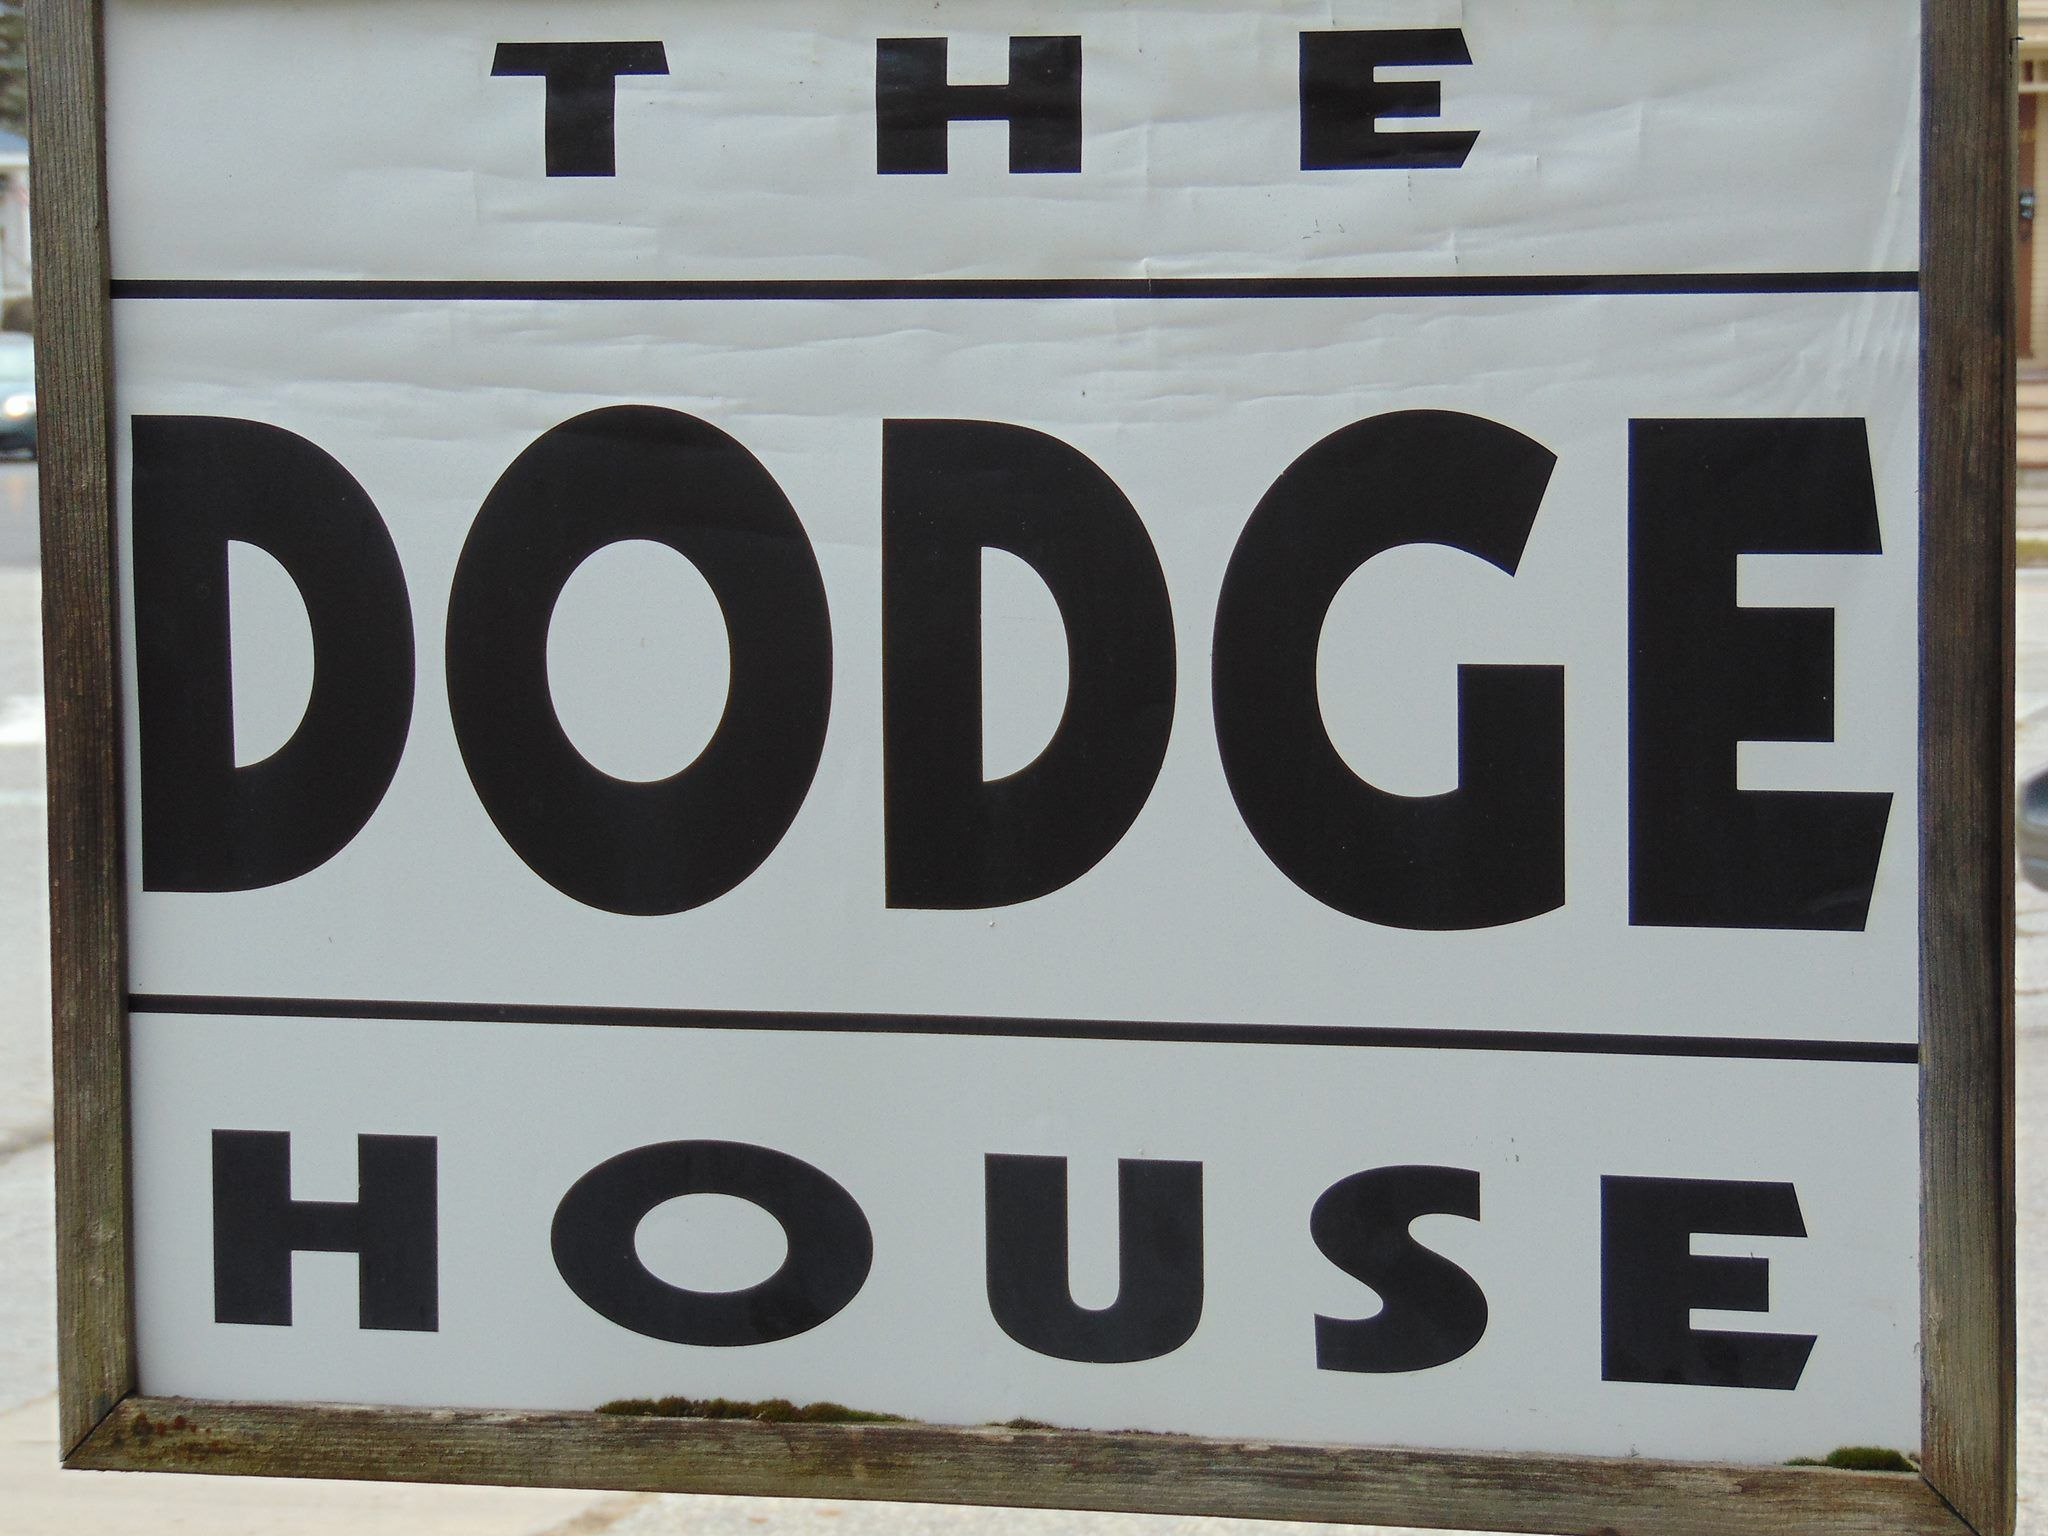 The Dodge House - For Veterans